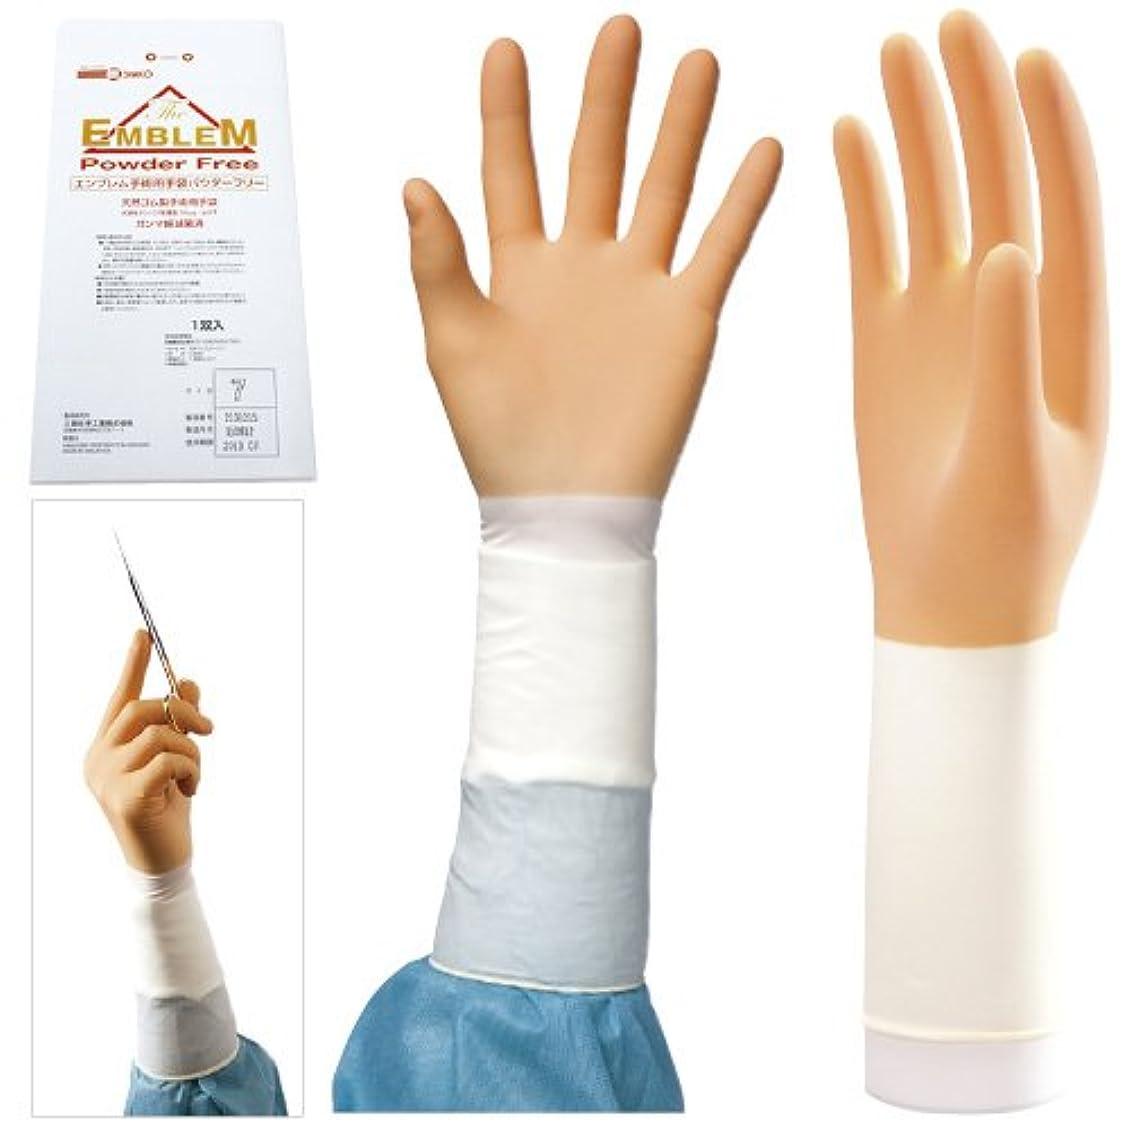 特徴ミリメートルボックスエンブレム手術用手袋 パウダーフリー NEW(20双入) 7.5